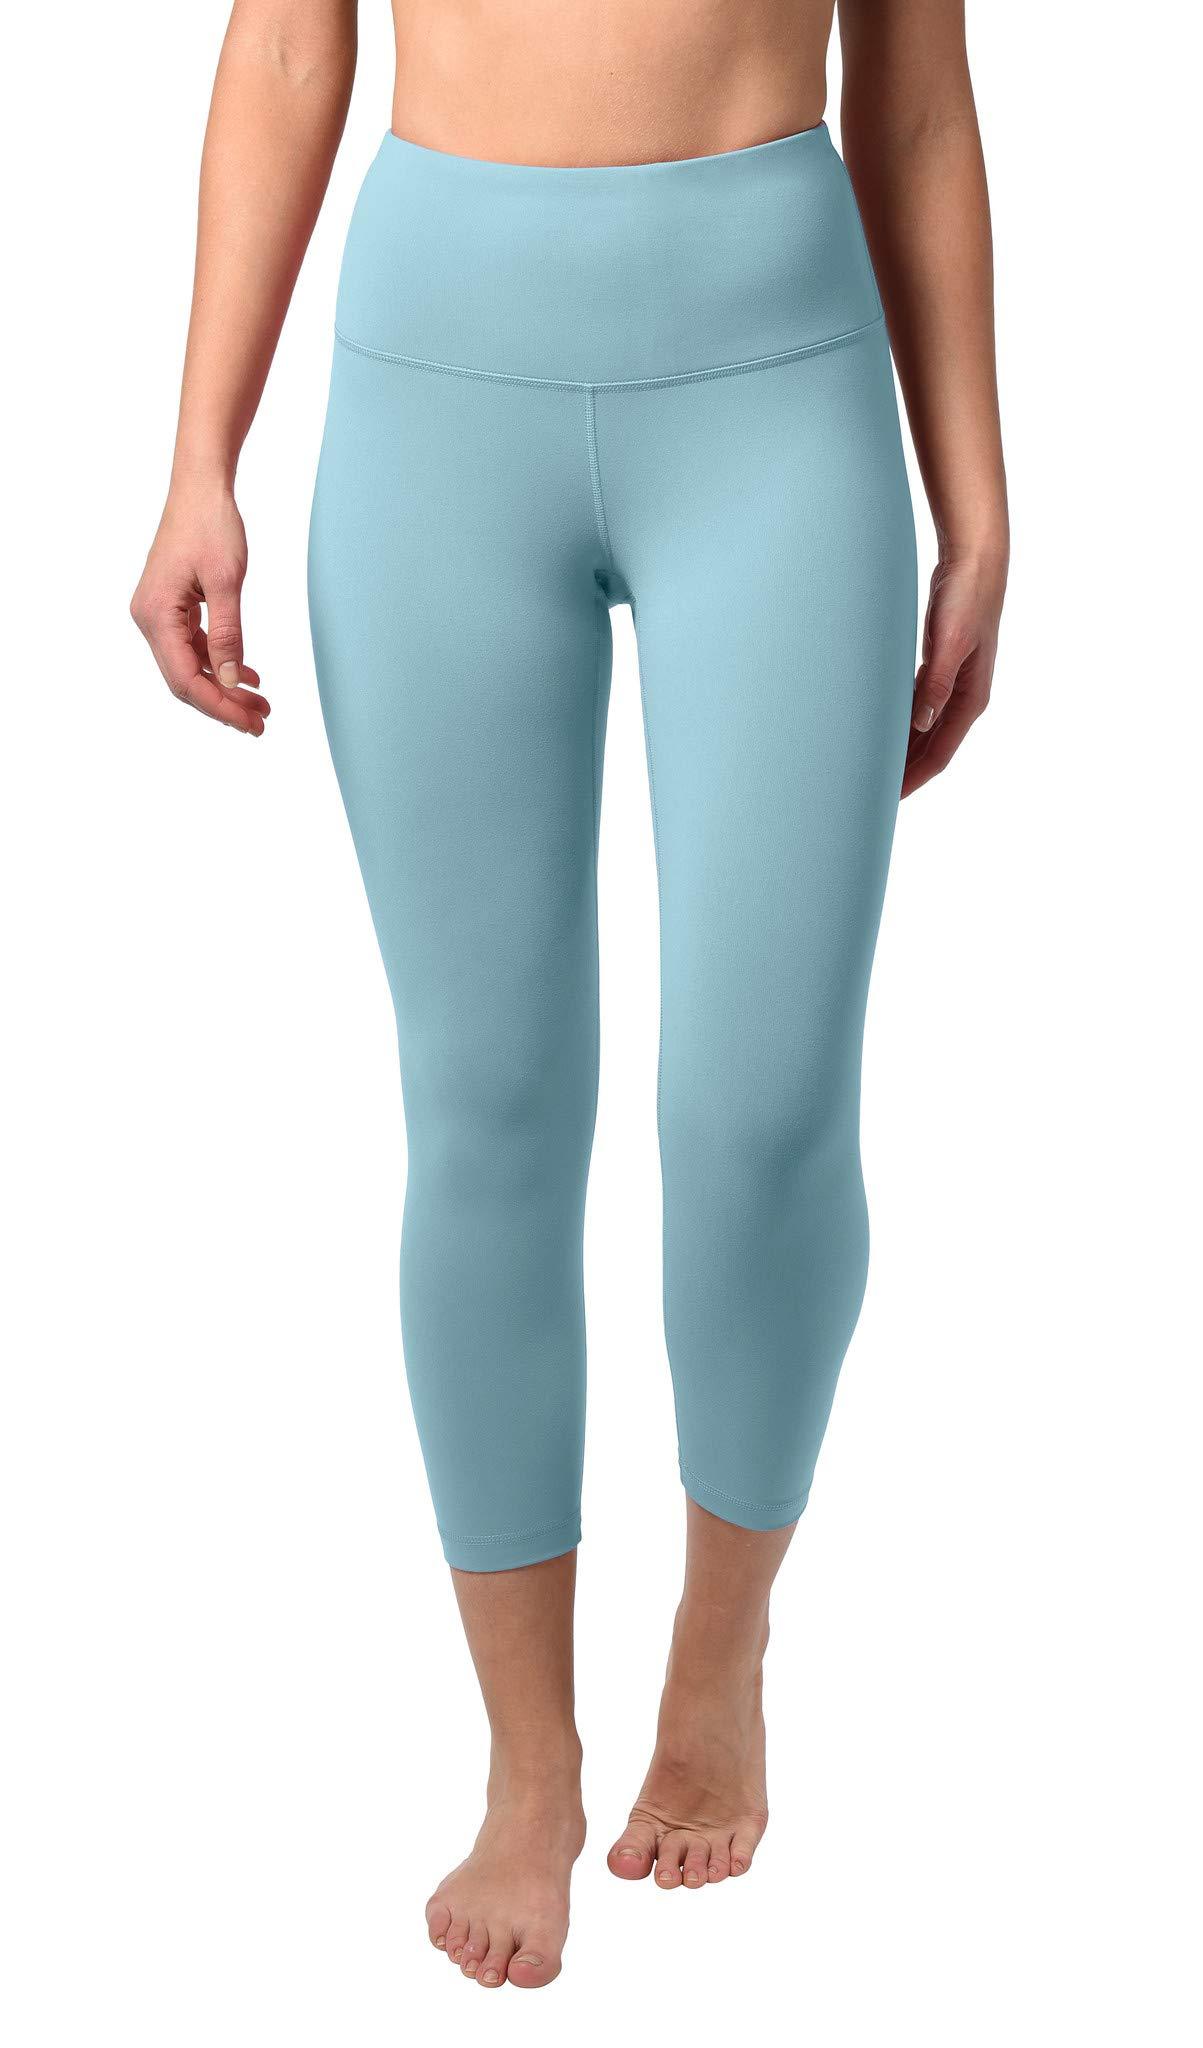 90 Degree By Reflex - High Waist Tummy Control Shapewear - Power Flex Capri - Bluebell - Small by 90 Degree By Reflex